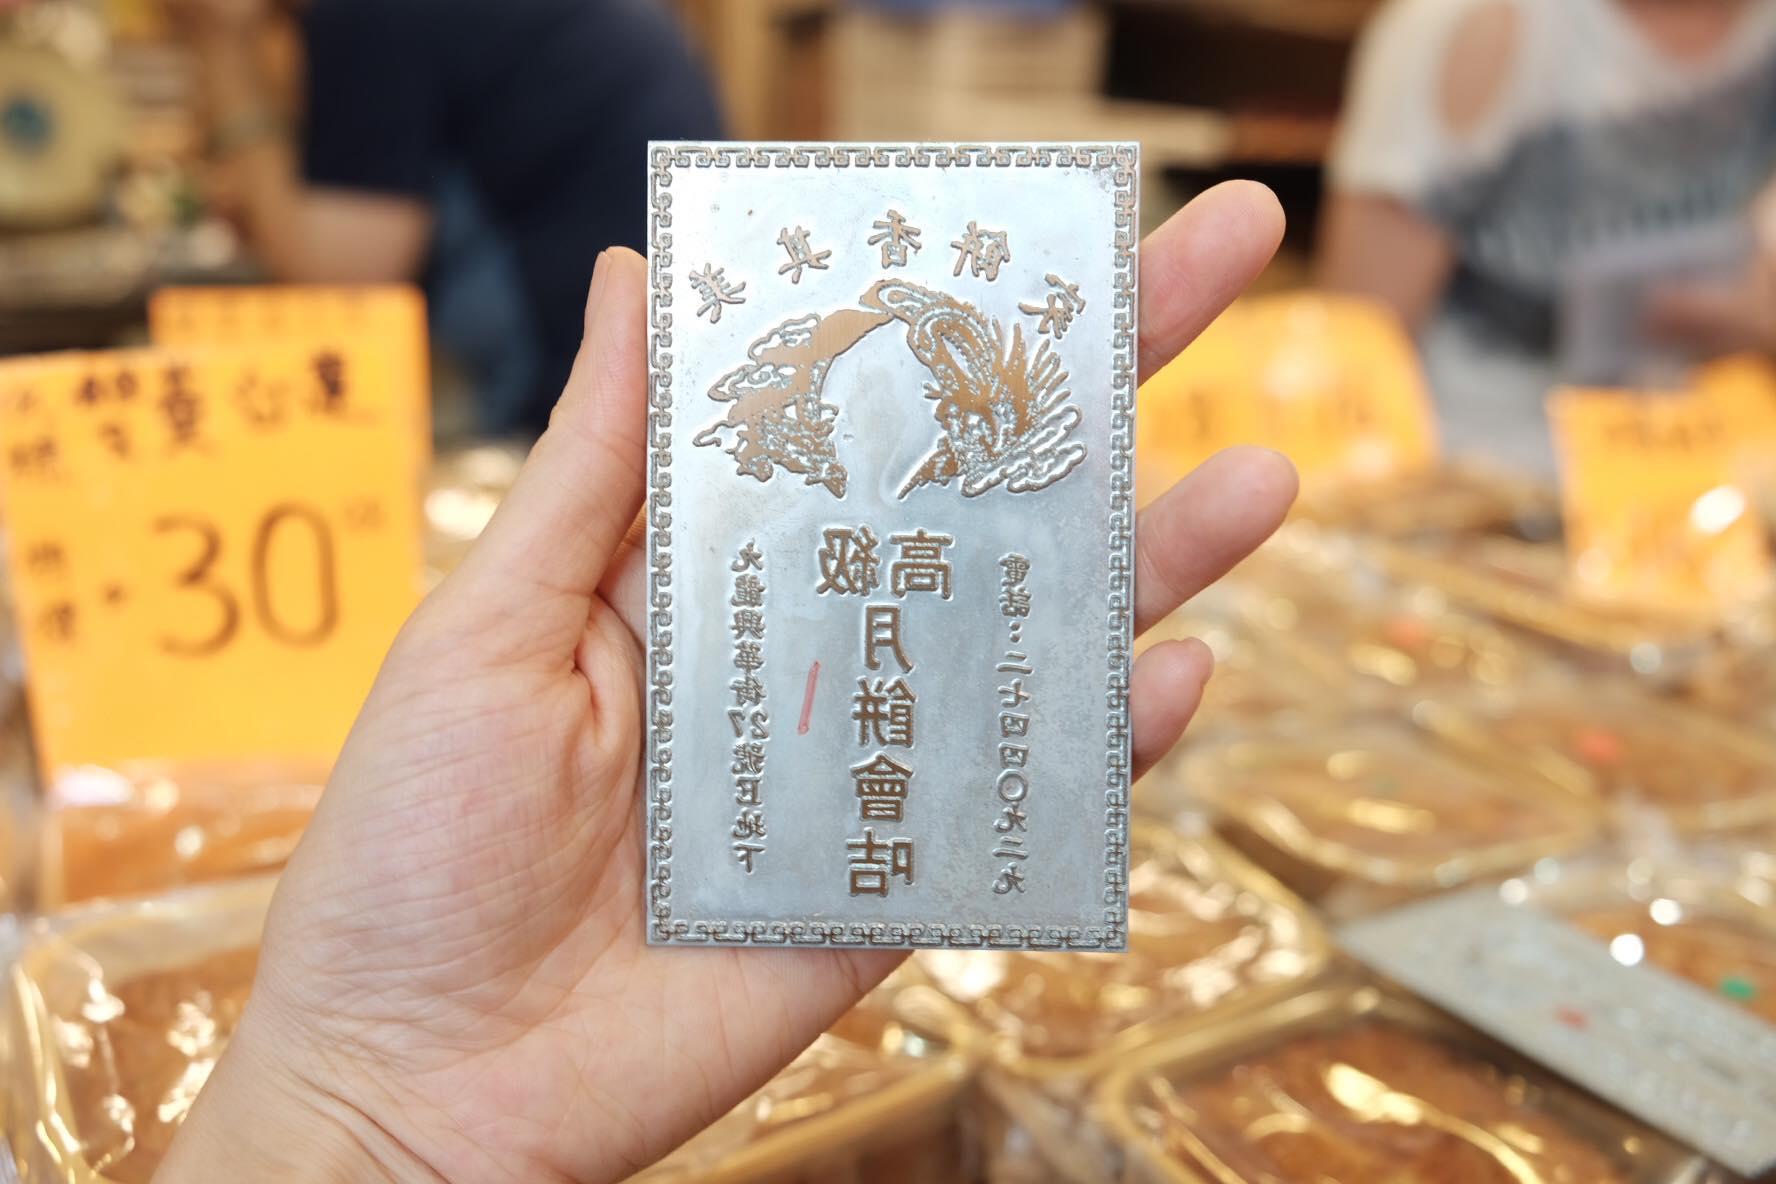 美其香餅家還保留着已被淘汰的月餅會會員卡鋼模。(攝自YK)